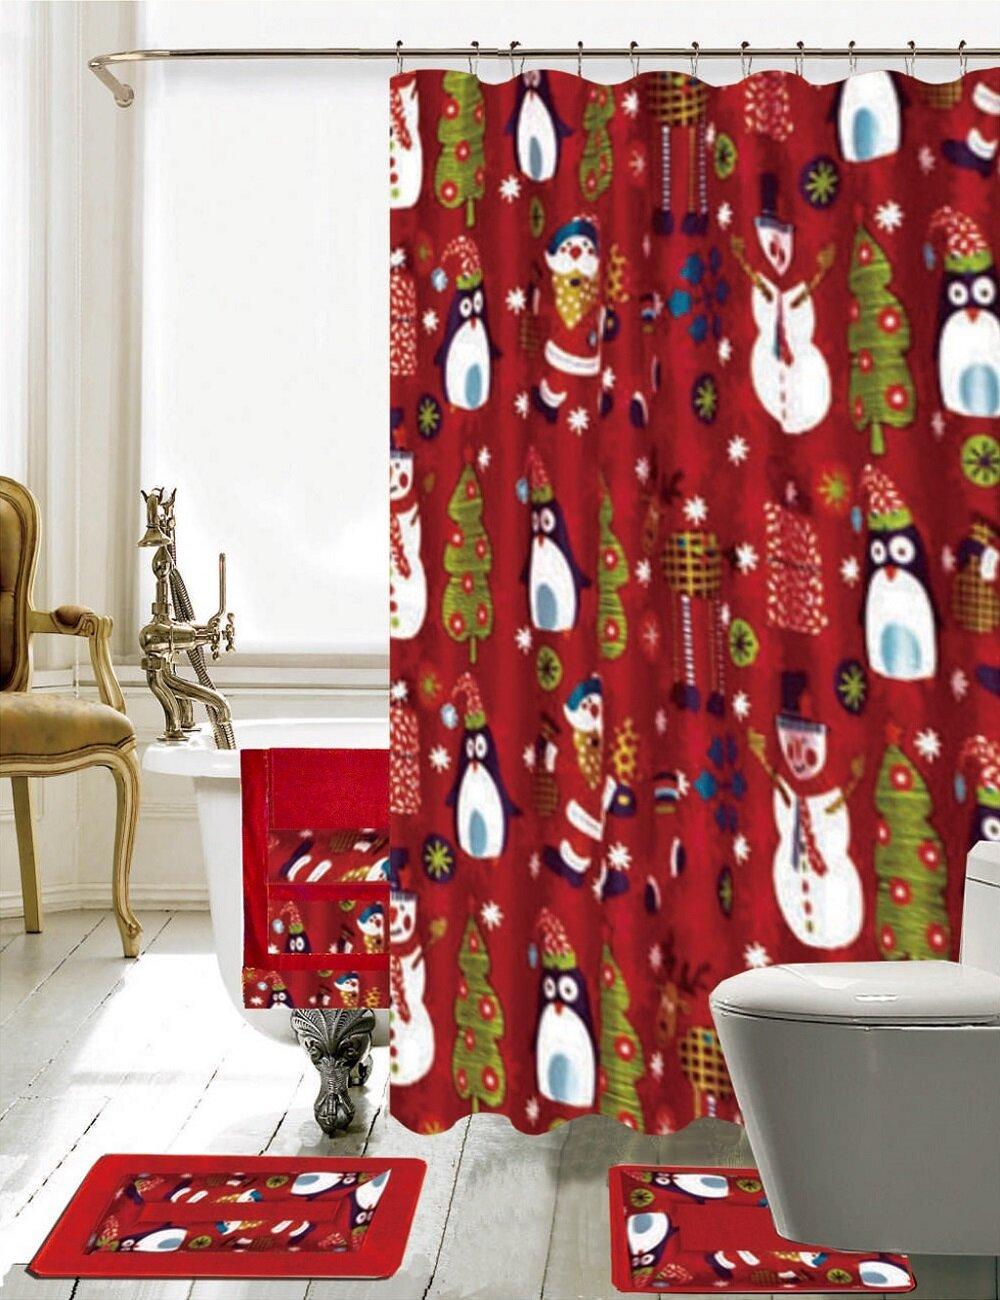 Daniels Bath Christmas Bathroom Decor 18 Piece Shower